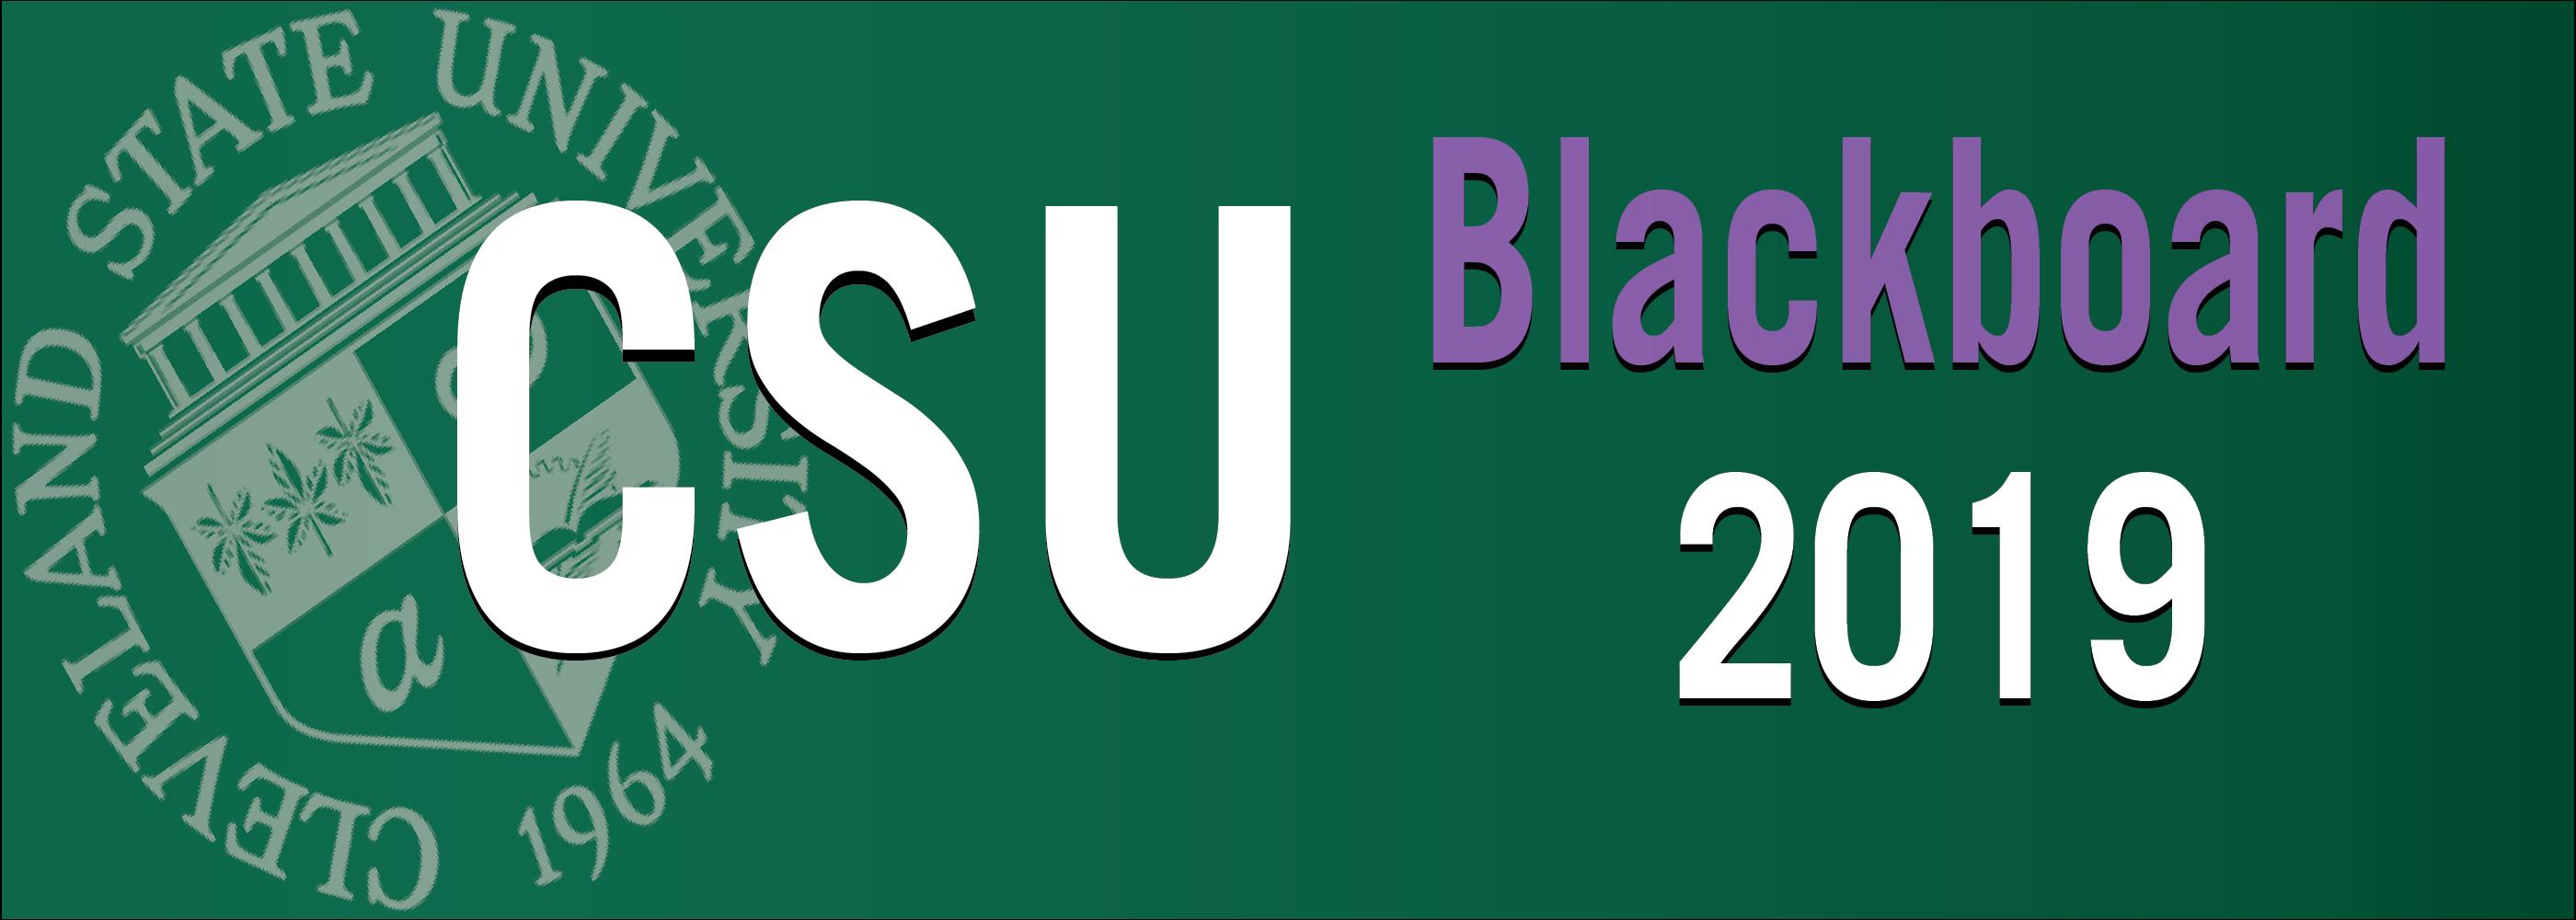 Blackboard 2018